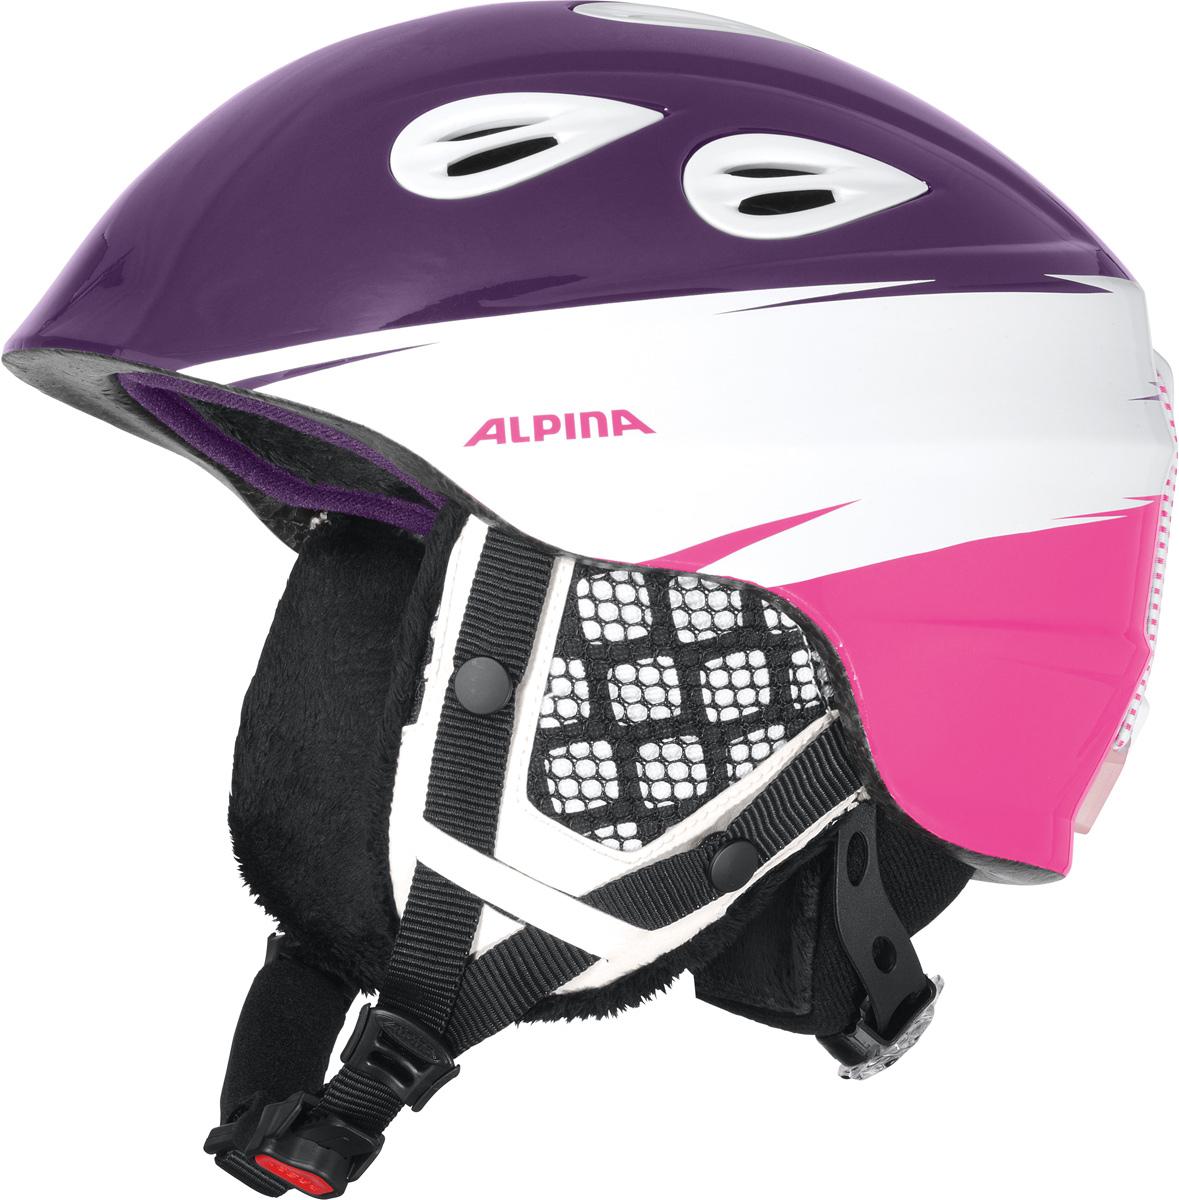 Шлем горнолыжный Alpina Grap 2.0 JR, цвет: розовый, фиолетовый. A9086_56. Размер 54-57A9086_56Детская версия популярнейшего шлема Alpina Grap 2.0, сохранившая все технические преимущества взрослой модели.Технологии:Конструкция In-Mold - соединение внутреннего слоя из EPS (вспененного полистирола) с внешним покрытием под большим давлением в условиях высокой температуры. В результате внешняя поликарбонатная оболочка сохраняет форму конструкции, предотвращая поломку и попадание осколков внутрь шлема, а внутренний слой Hi-EPS, состоящий из множества наполненных воздухом гранул, амортизирует ударную волну, защищая голову райдера от повреждений.Внешнее покрытие Ceramic Shell обеспечивает повышенную ударопрочность и износостойкость, а также обладает защитой от УФ-излучений, препятствующей выгоранию на солнце, и антистатичными свойствами.Съемный внутренний тканевый слой. Подкладку можно постирать и легко вставить обратно. Своевременный уход за внутренником предотвращает появление неприятного запаха.Вентиляционная система с раздвижным механизмом с возможностью регулировки интенсивности потока воздуха.Классическая система регулировки в шлемах Alpina Run System с регулировочным кольцом на затылке позволяет быстро и легко подобрать оптимальную и комфортную плотность посадки на голове.Съемные ушки согревают в холодную погоду, а в теплую компактно хранятся в кармане куртки.Шейный воротник из микрофлиса в задней части шлема быстро согревает и не давит на шею.Ремешок фиксируется кнопкой с запирающим механизмом. Застежка максимально удобна для использования в перчатках.Система Edge Protect в конструкции шлема защищает голову горнолыжника при боковом ударе.Система Y-Clip гарантирует оптимальную посадку с миллиметровой точностью. Y-зажим соединяет два ремешка вместе и удобно фиксирует их под ухом.Съемные элементы позволяют использовать шлем всесезонно.